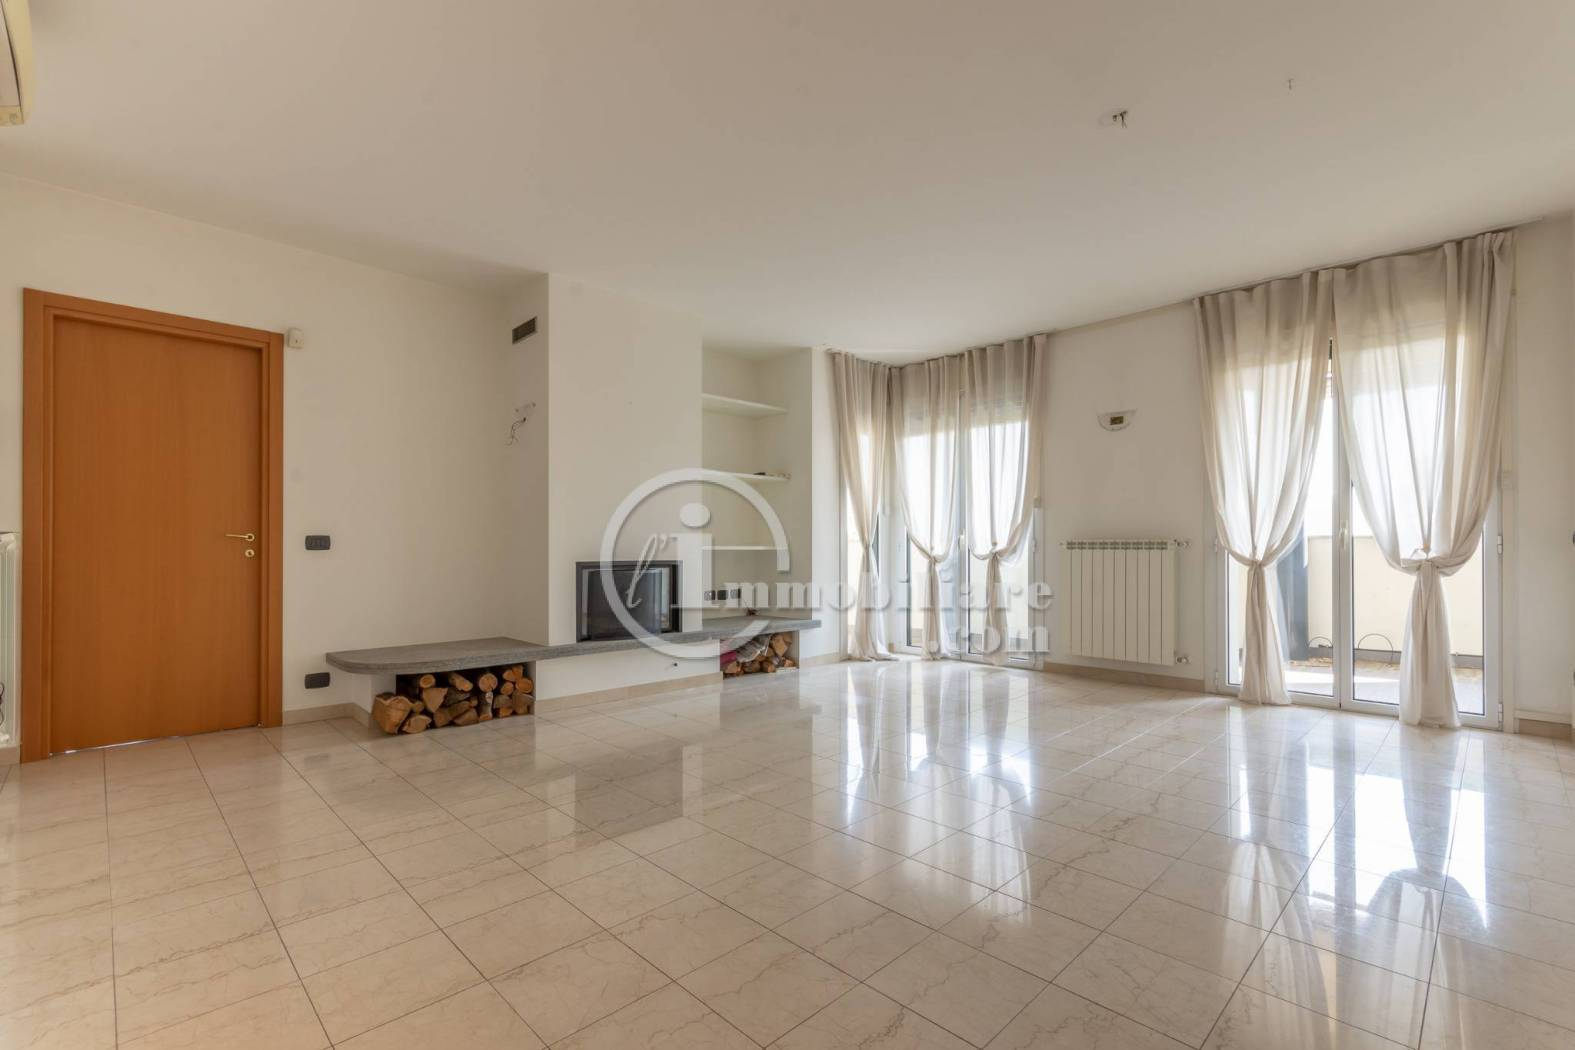 Appartamento in Vendita a Milano 07 Darsena /  Ticinese: 3 locali, 140 mq